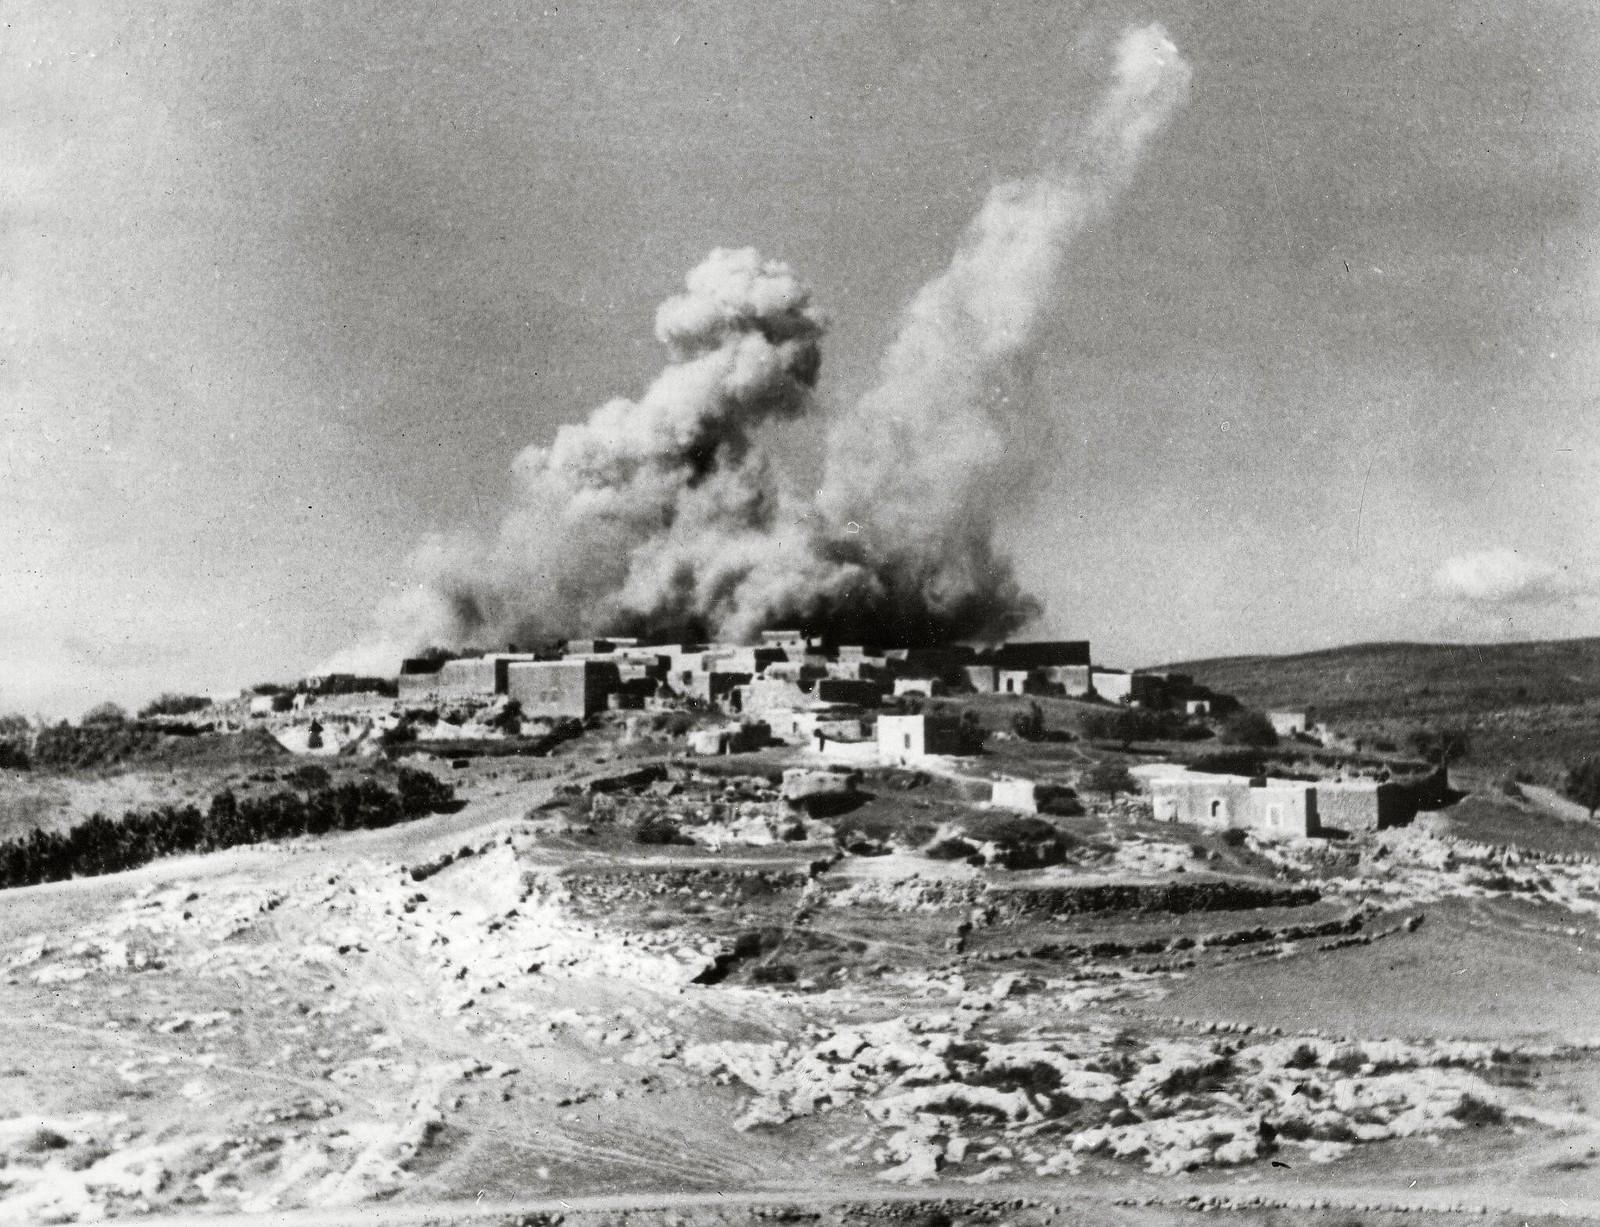 03. Бомбардировка палестинской деревни британской армией